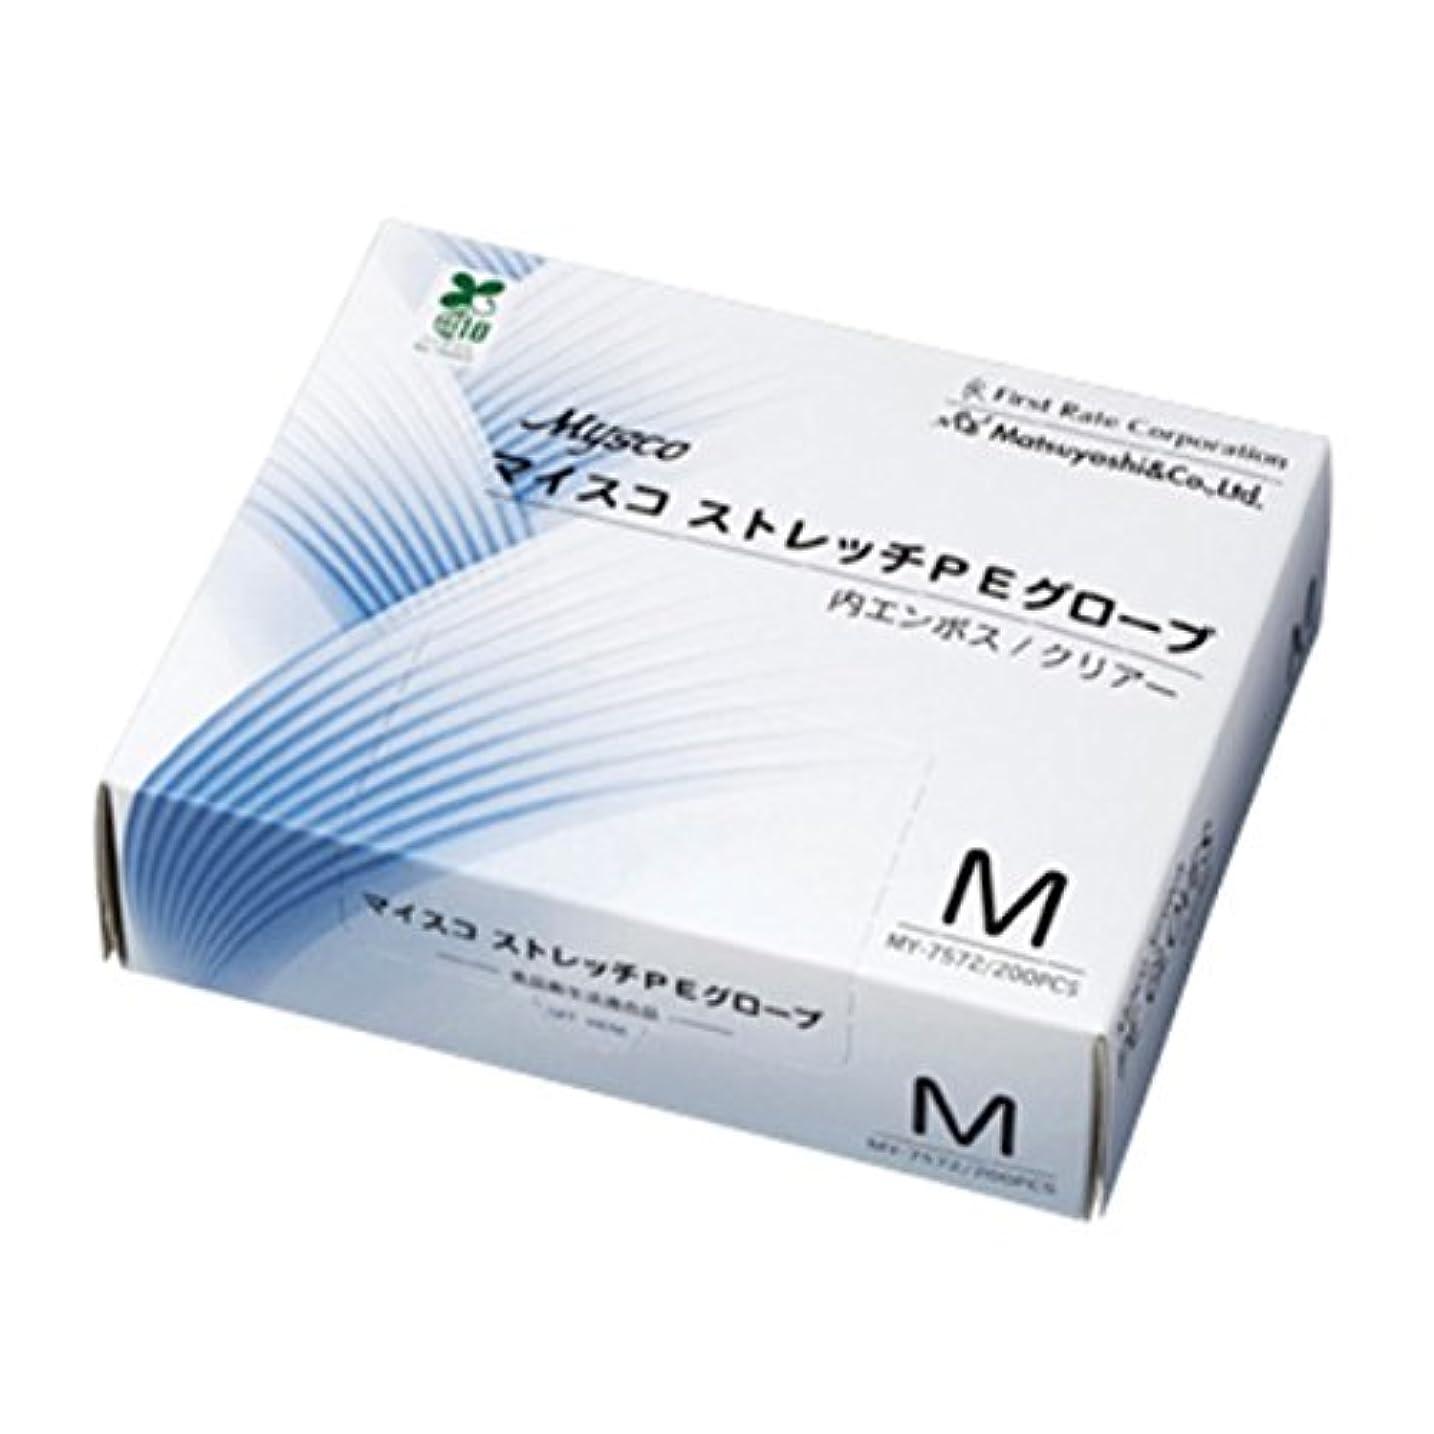 永久百年マウントバンク【ケース販売】マイスコ ストレッチPEグローブ M 200枚入×40箱